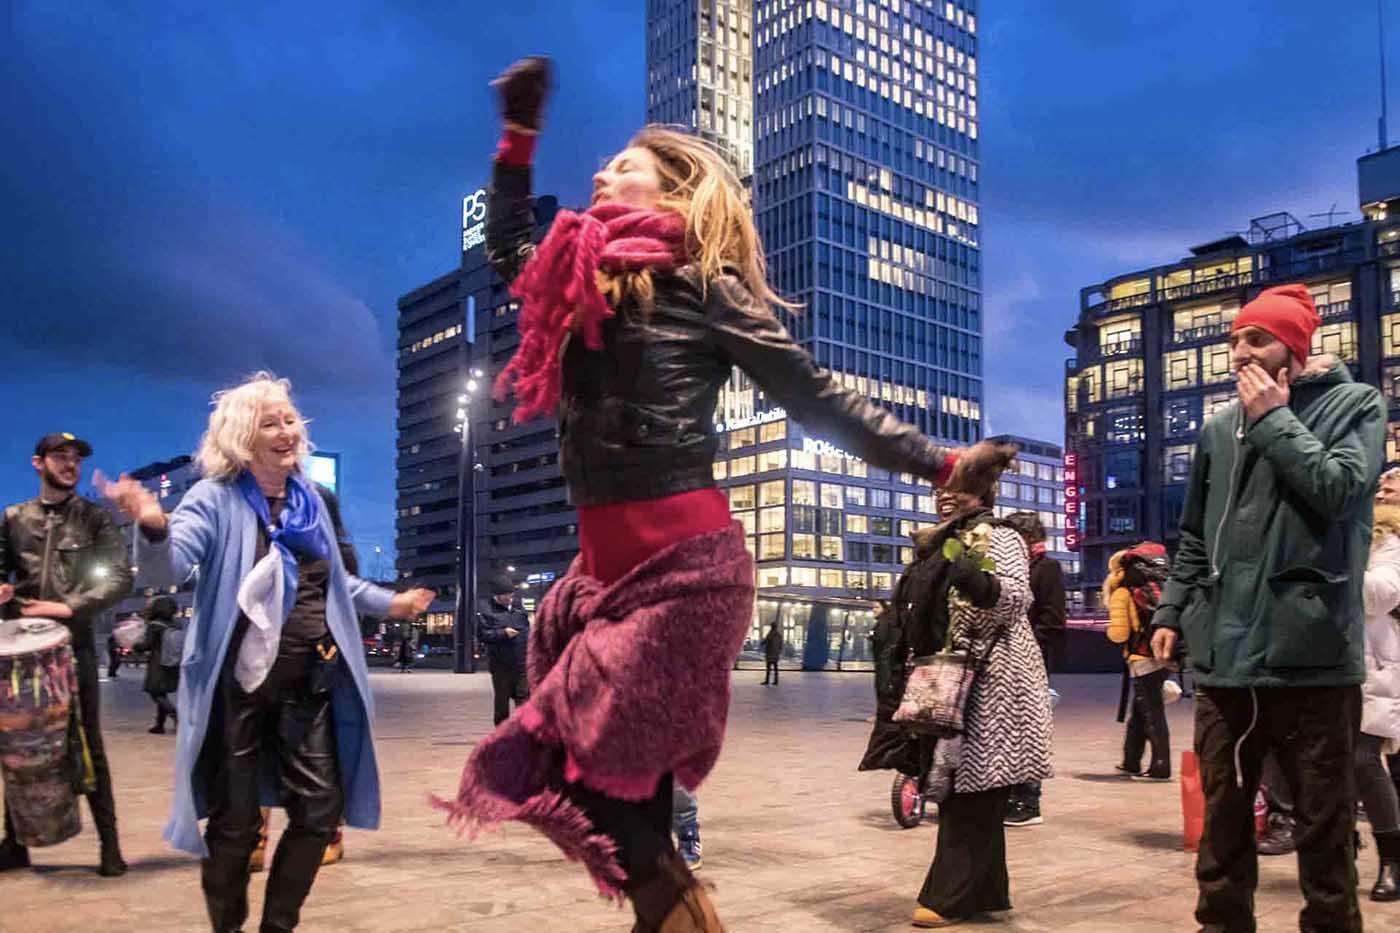 Rotterdan Leeft, Rotterdam CS, Evenement